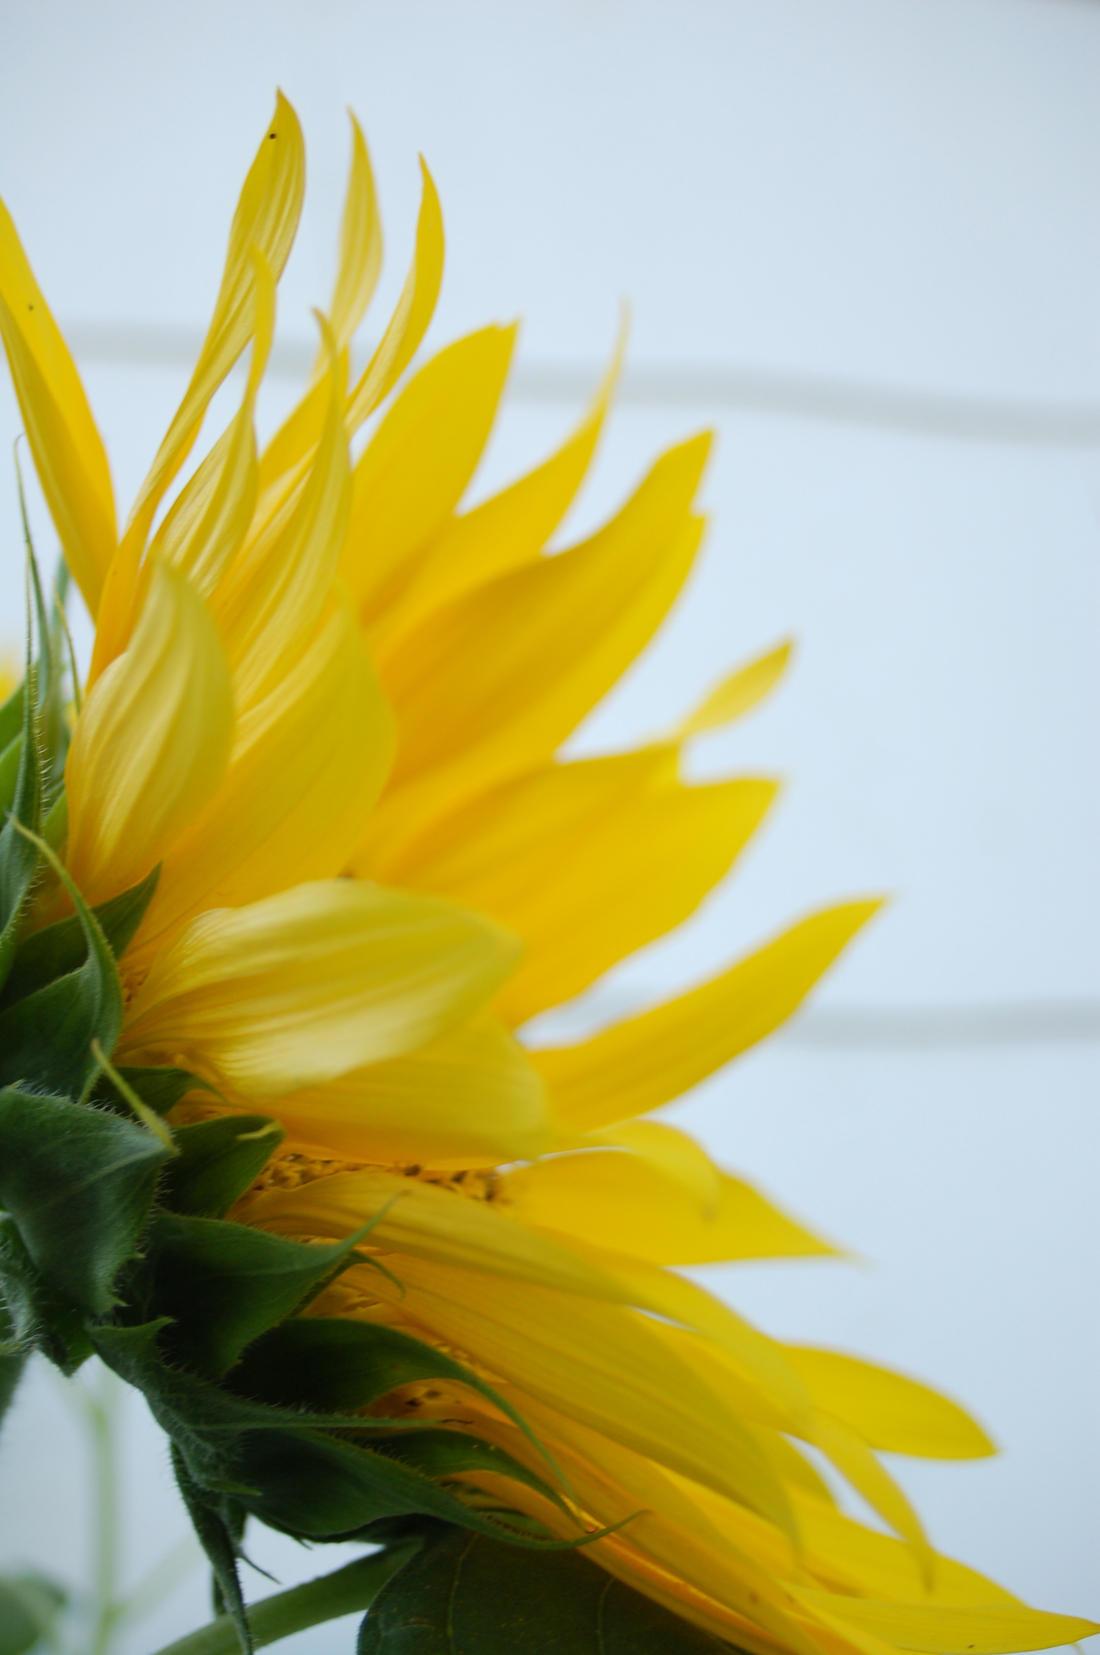 Sunflower Side by jrbamberg